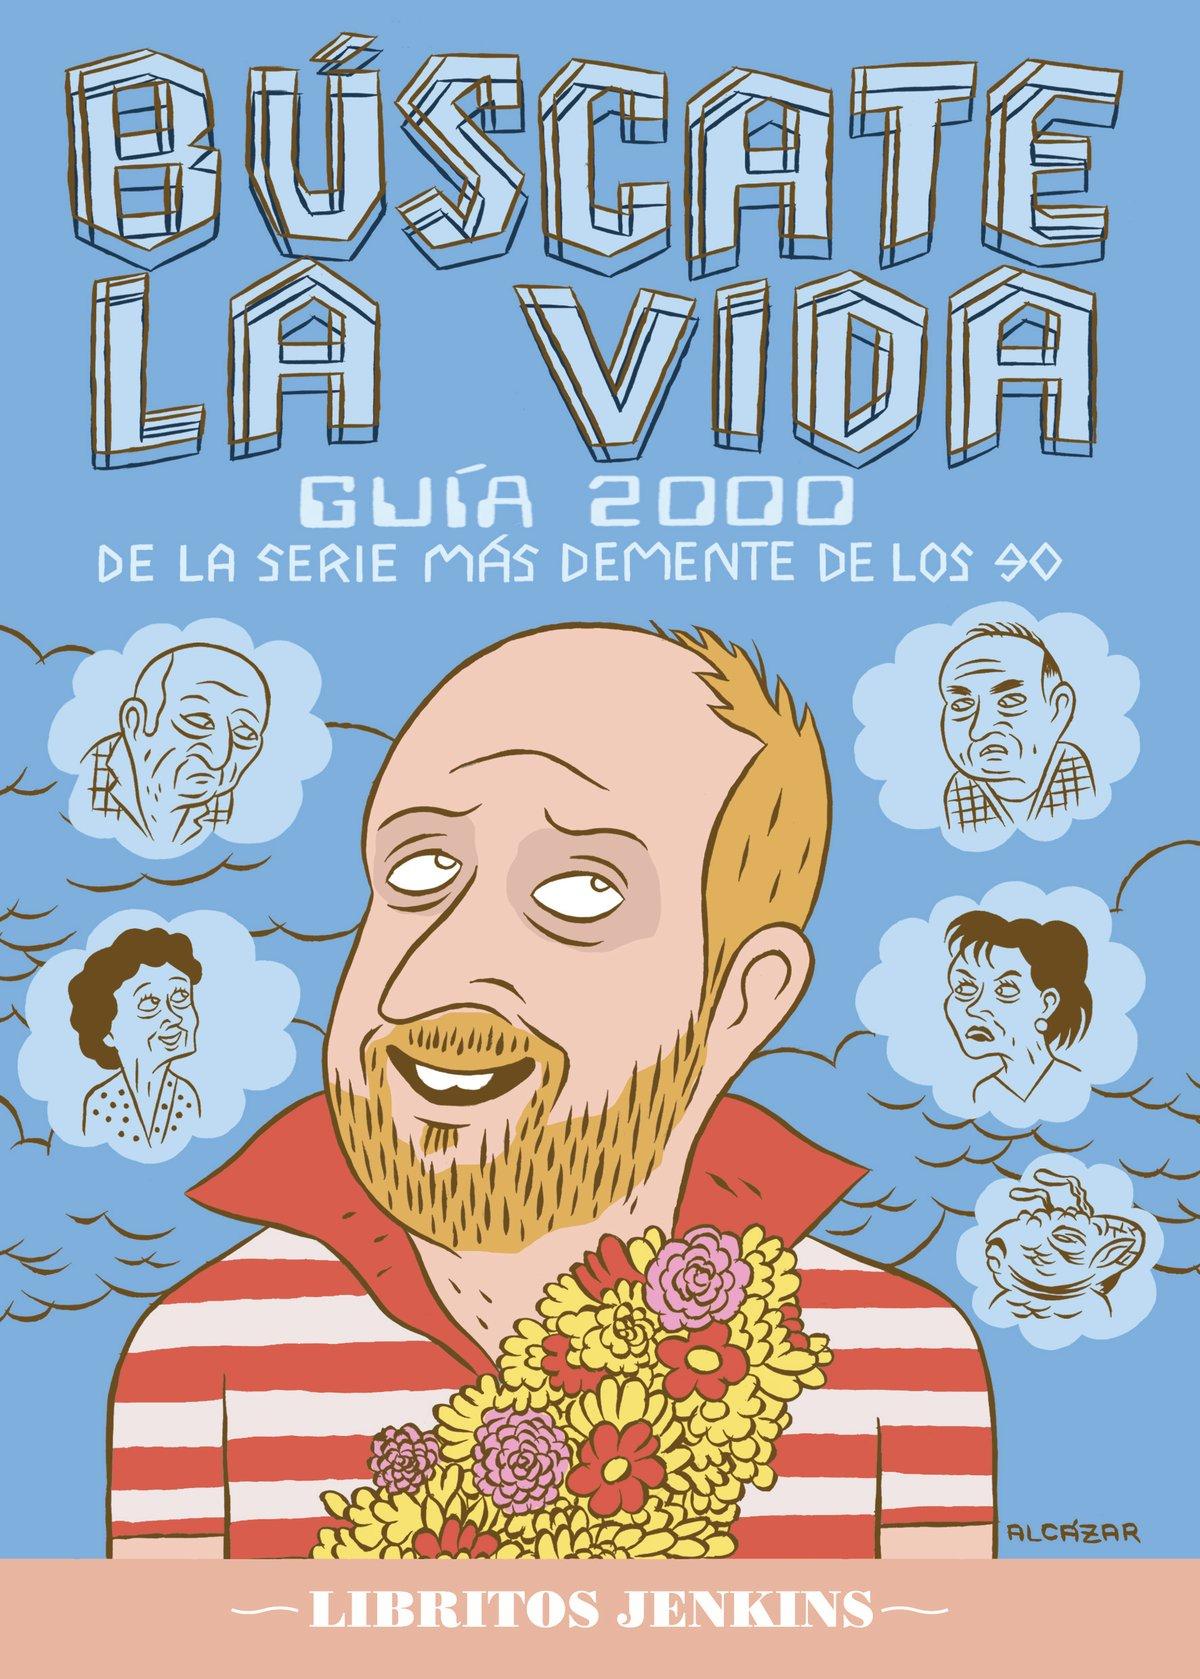 BÚSCATE LA VIDA (Guía 2000)